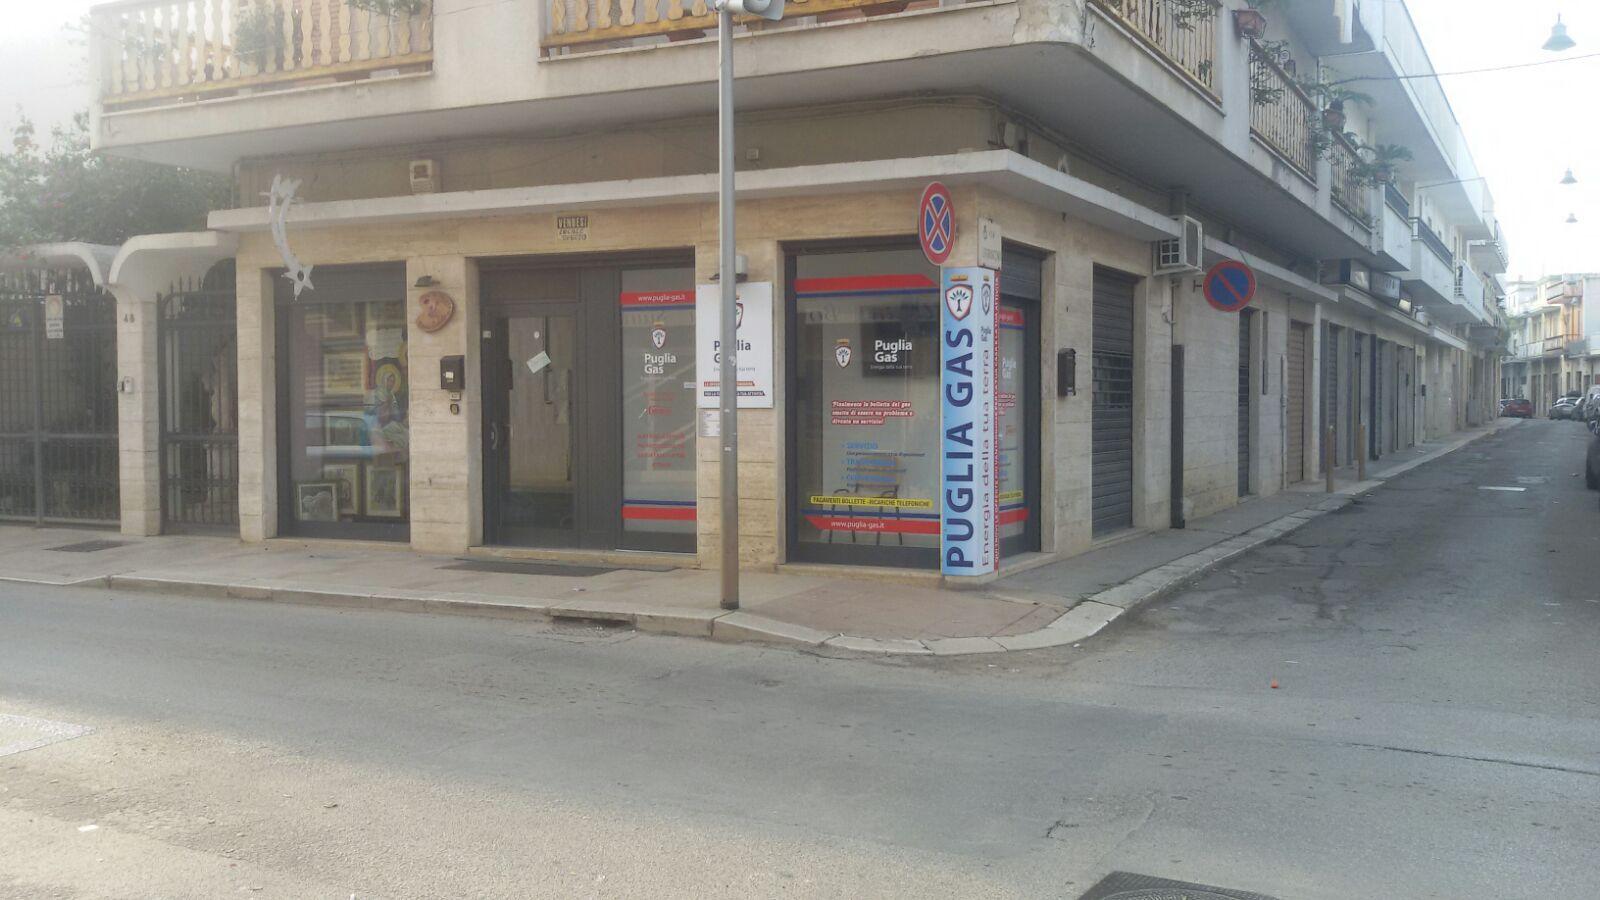 Vendita locale commerciale Bari